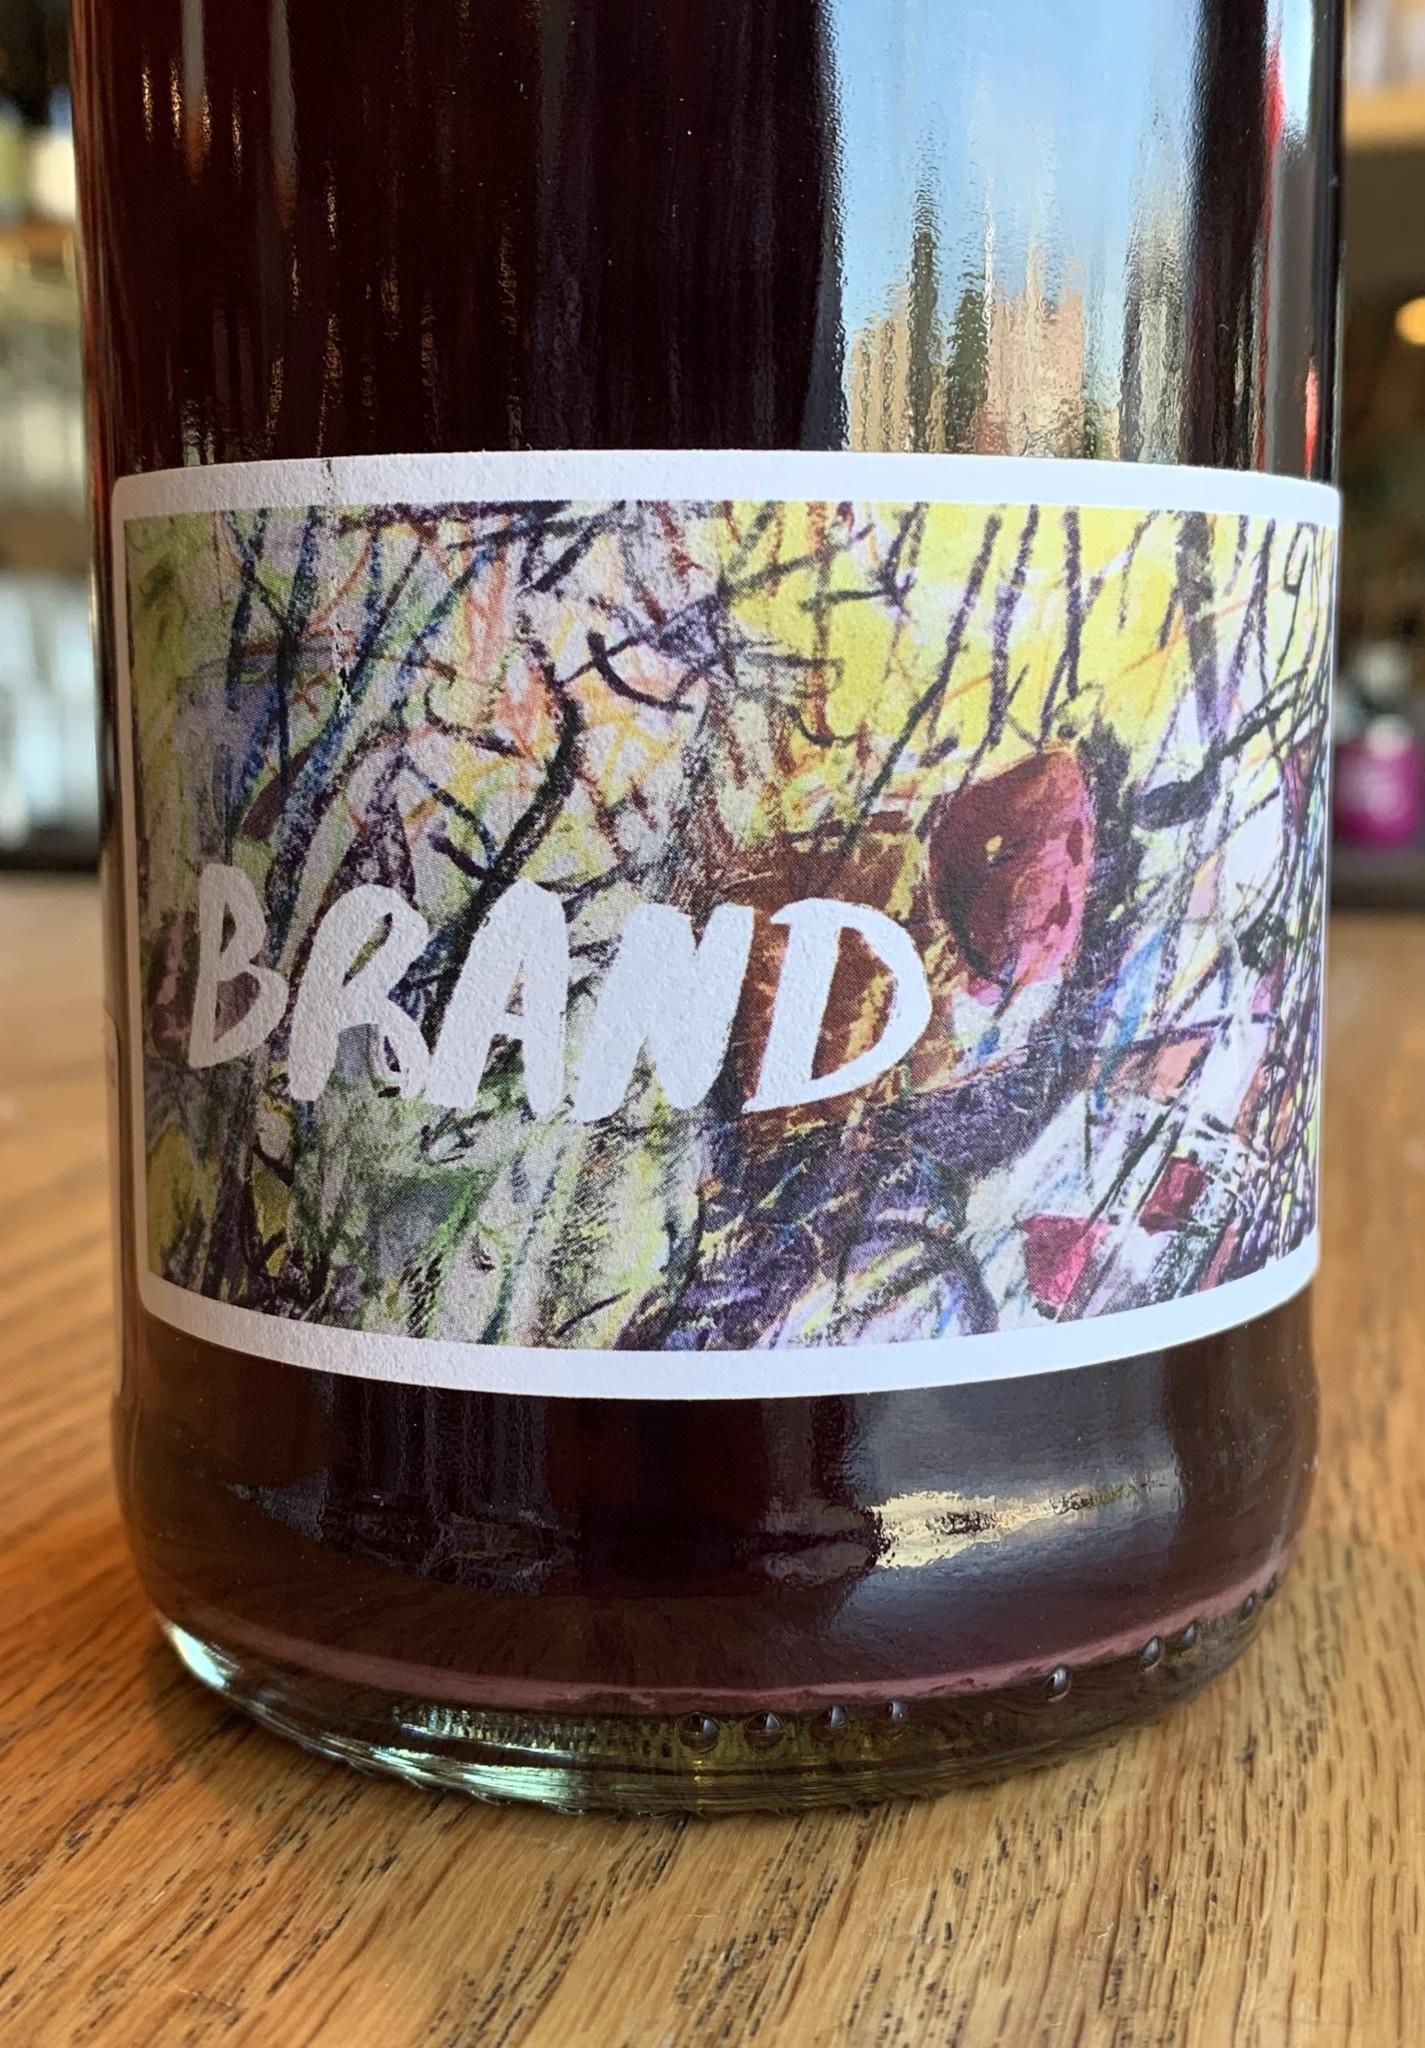 Weingut Brand 2018 Weingut Brand Red 750ml